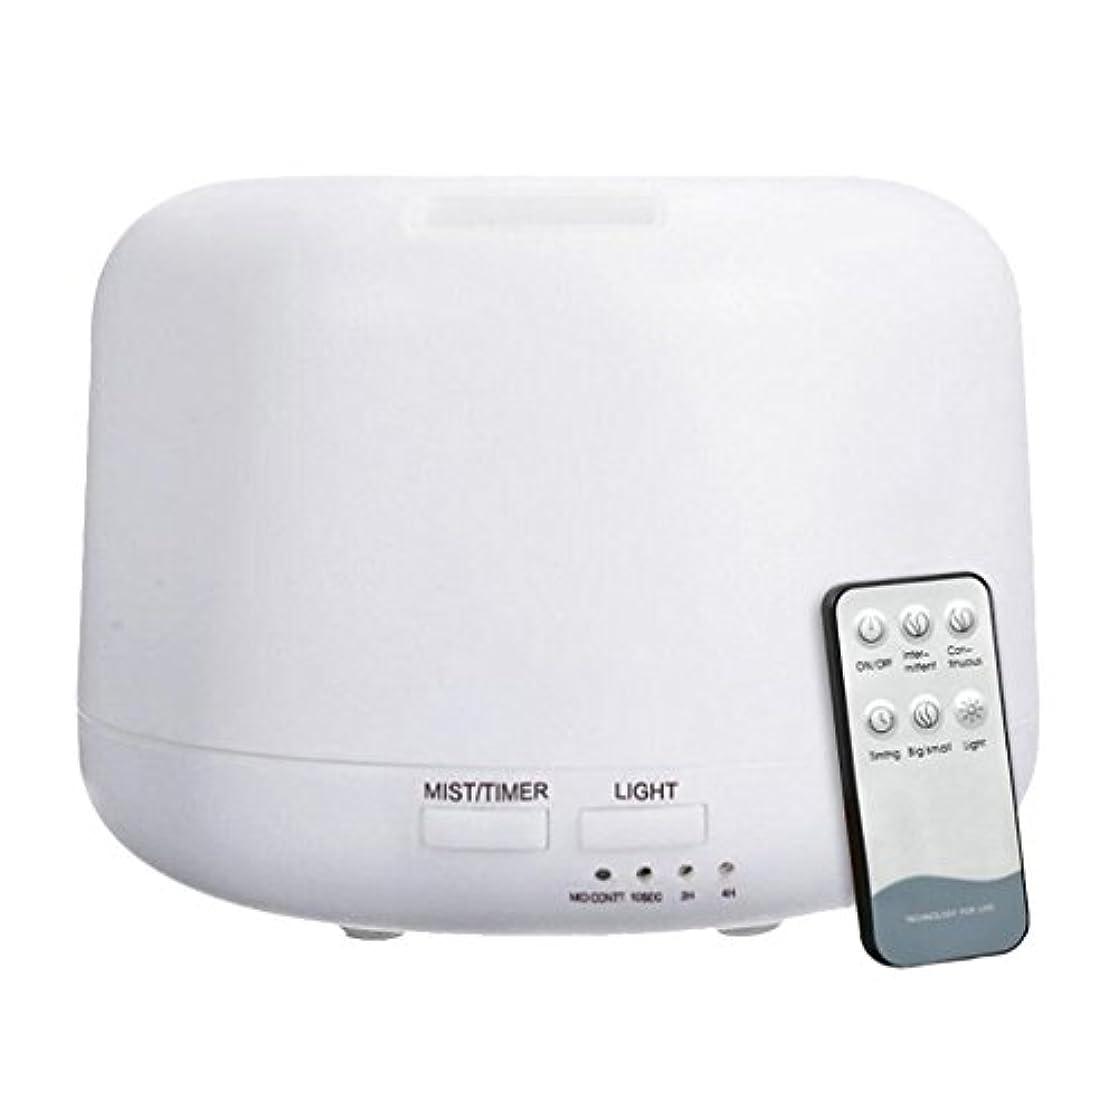 選択するチャンバー長さHomyl 300ML ポータブル 空気ディフューザ 超音波 加湿器 リモートコントロール USプラグ